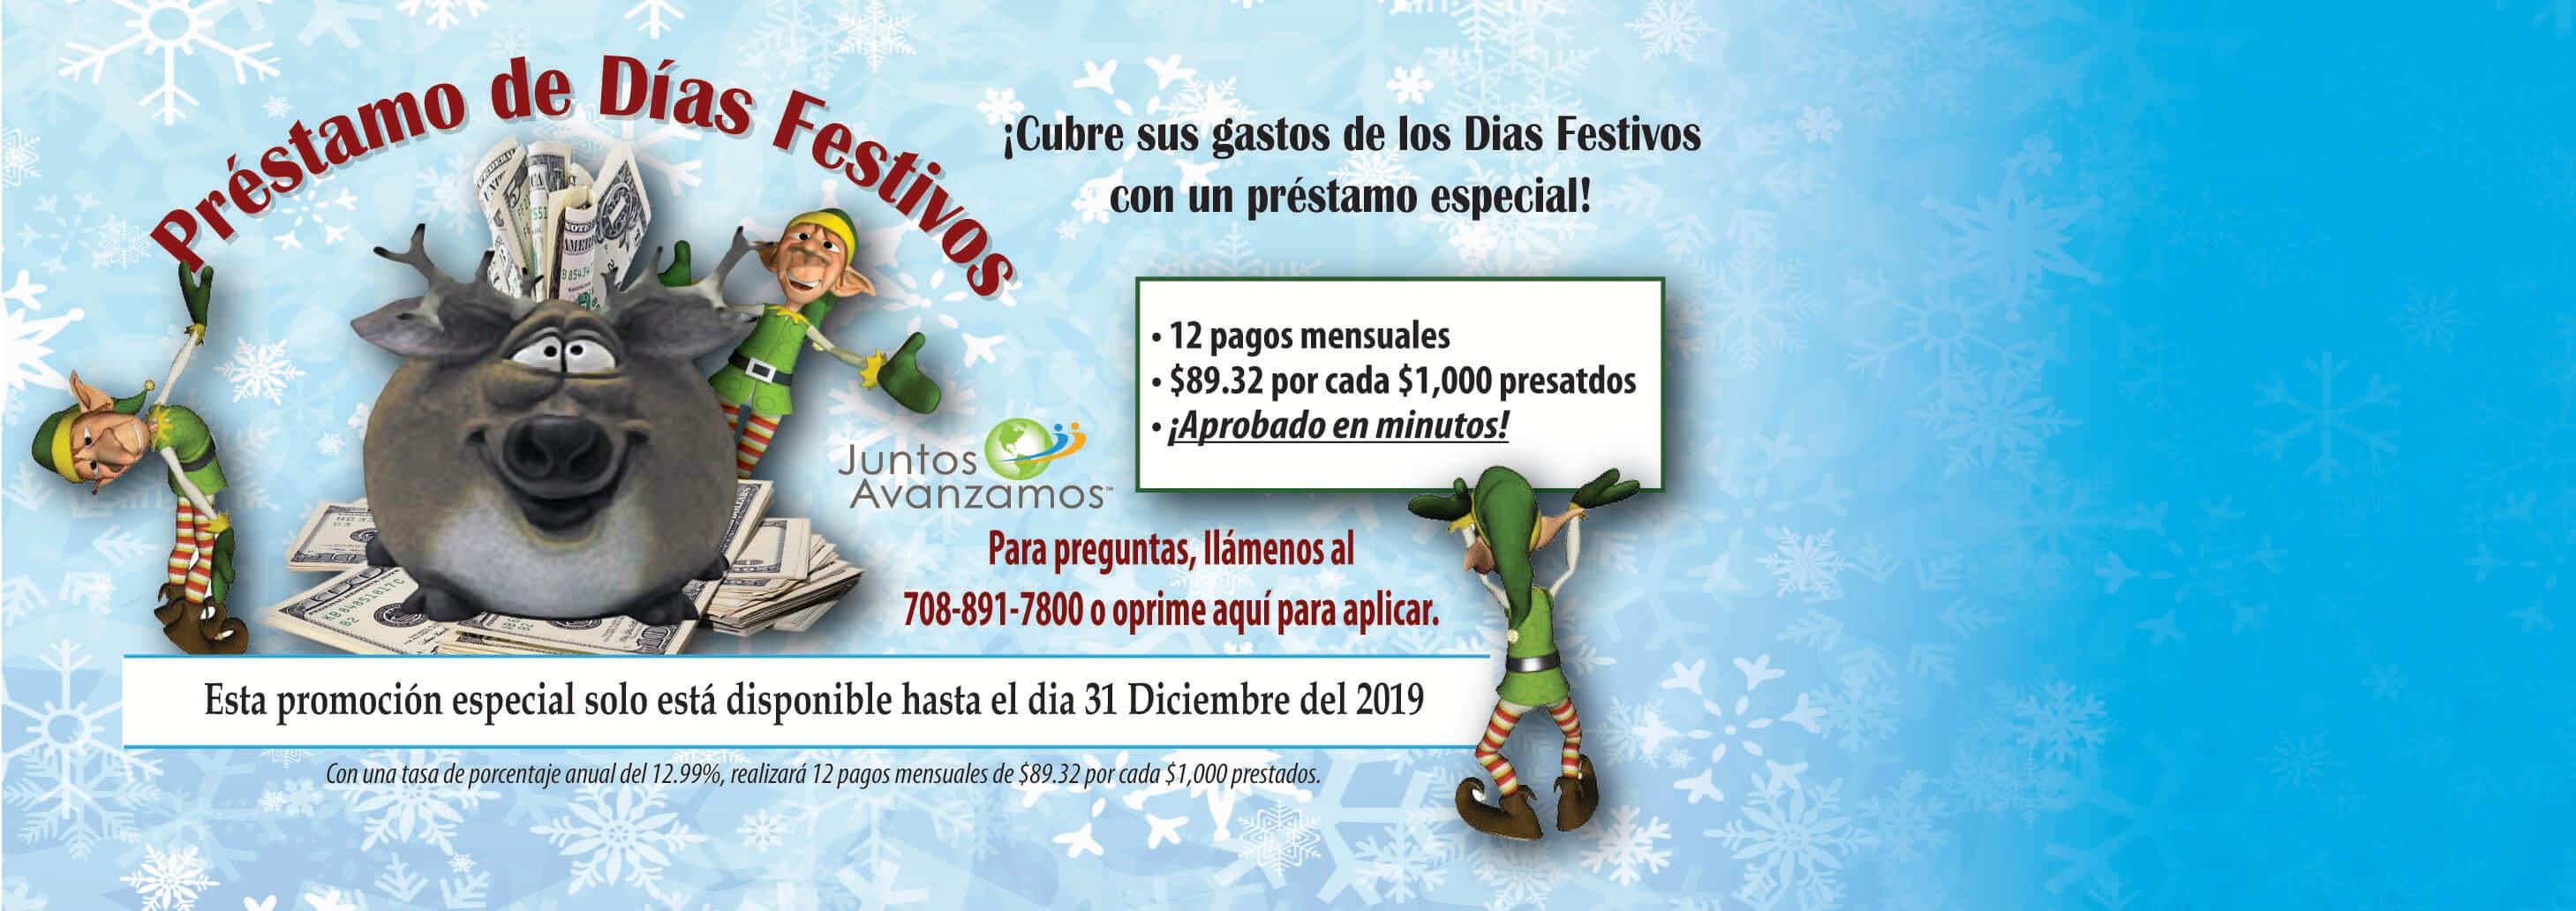 Prestamo de Dias Festivos: Cubre sus gastos de los dias festivos con up prestamo especial.